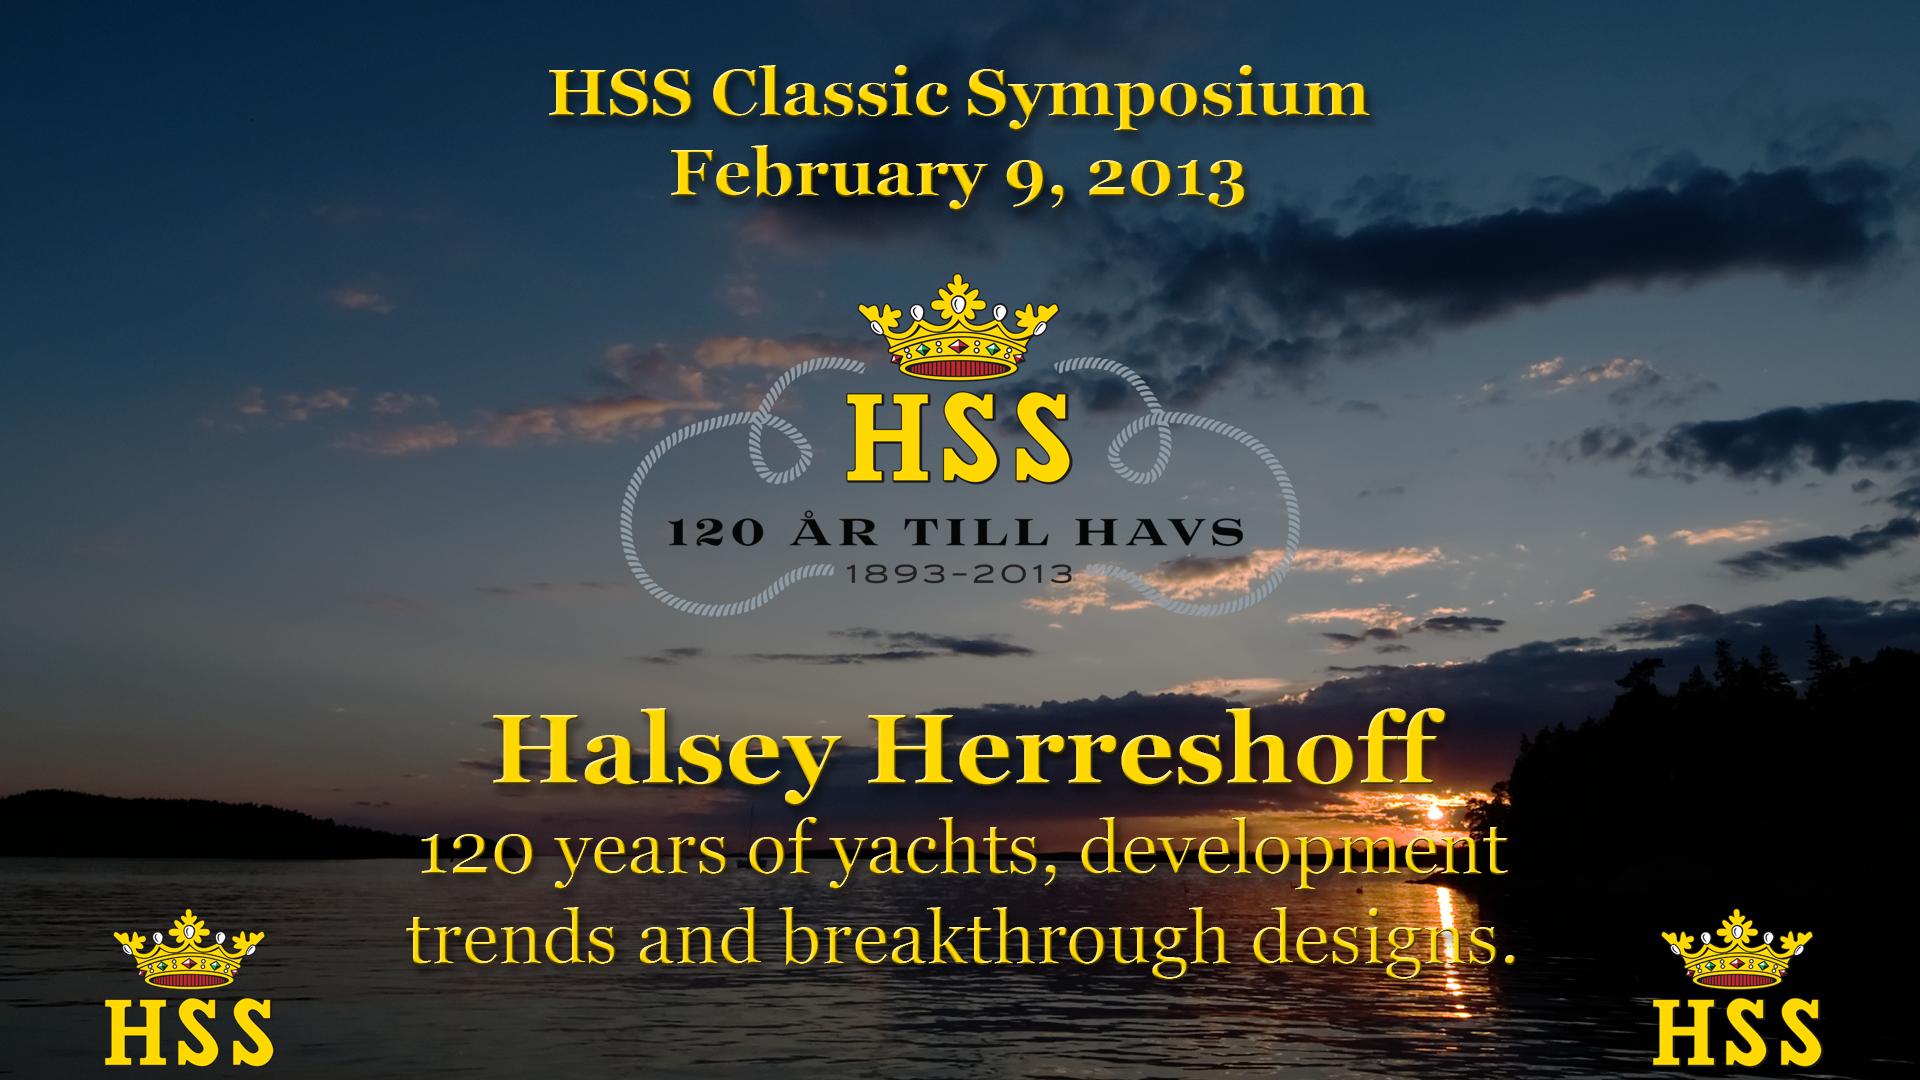 Halsey Herreshoff